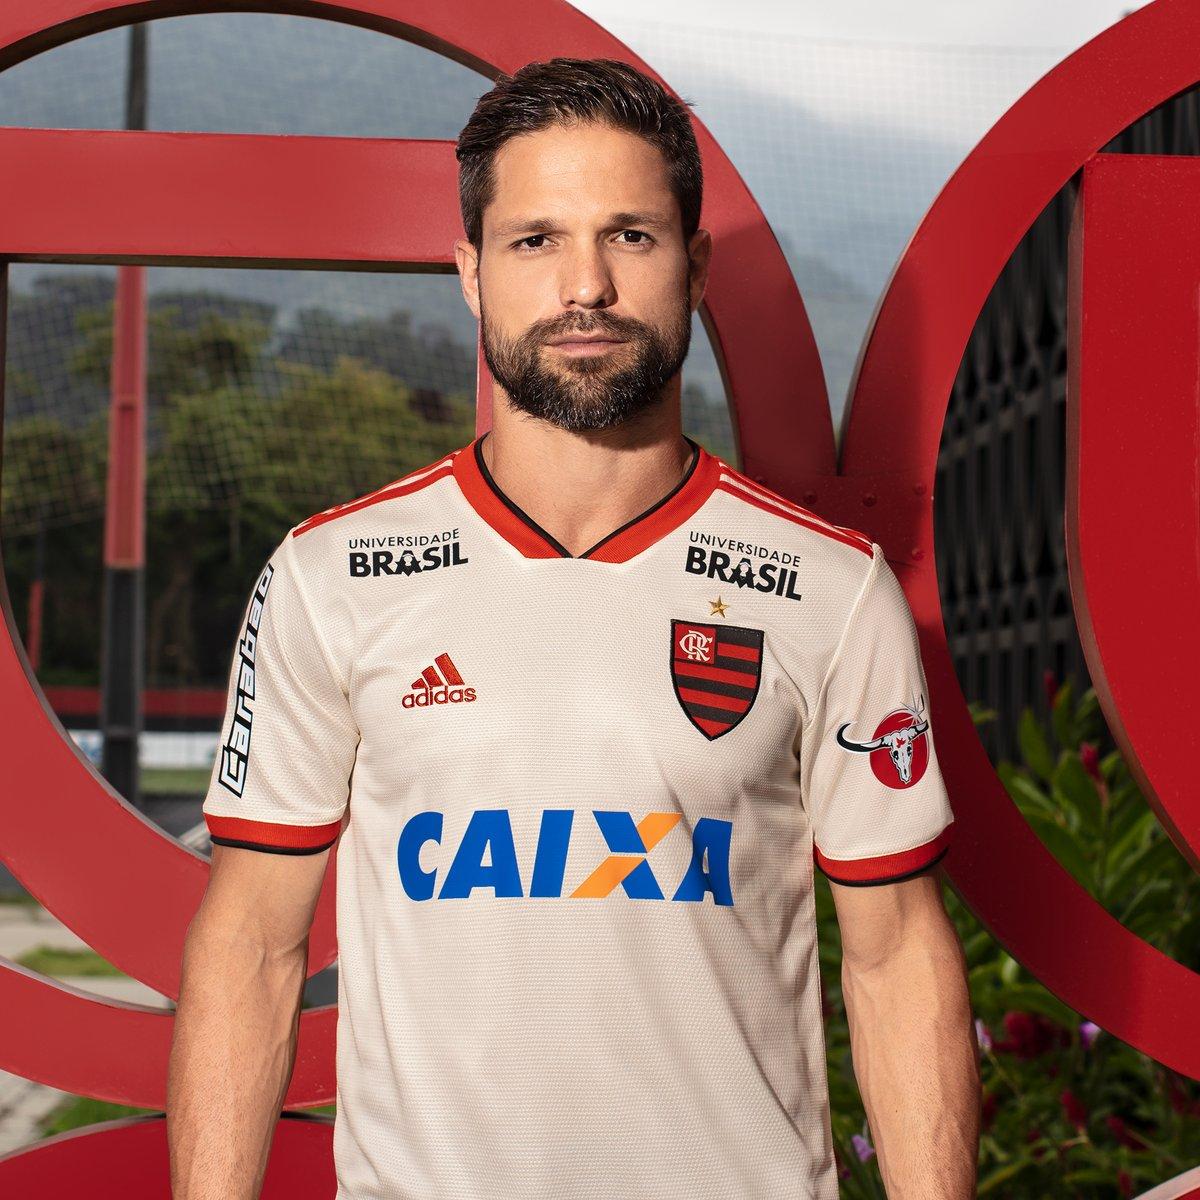 Flamengo 2018-19 Home, Away & Third Kits